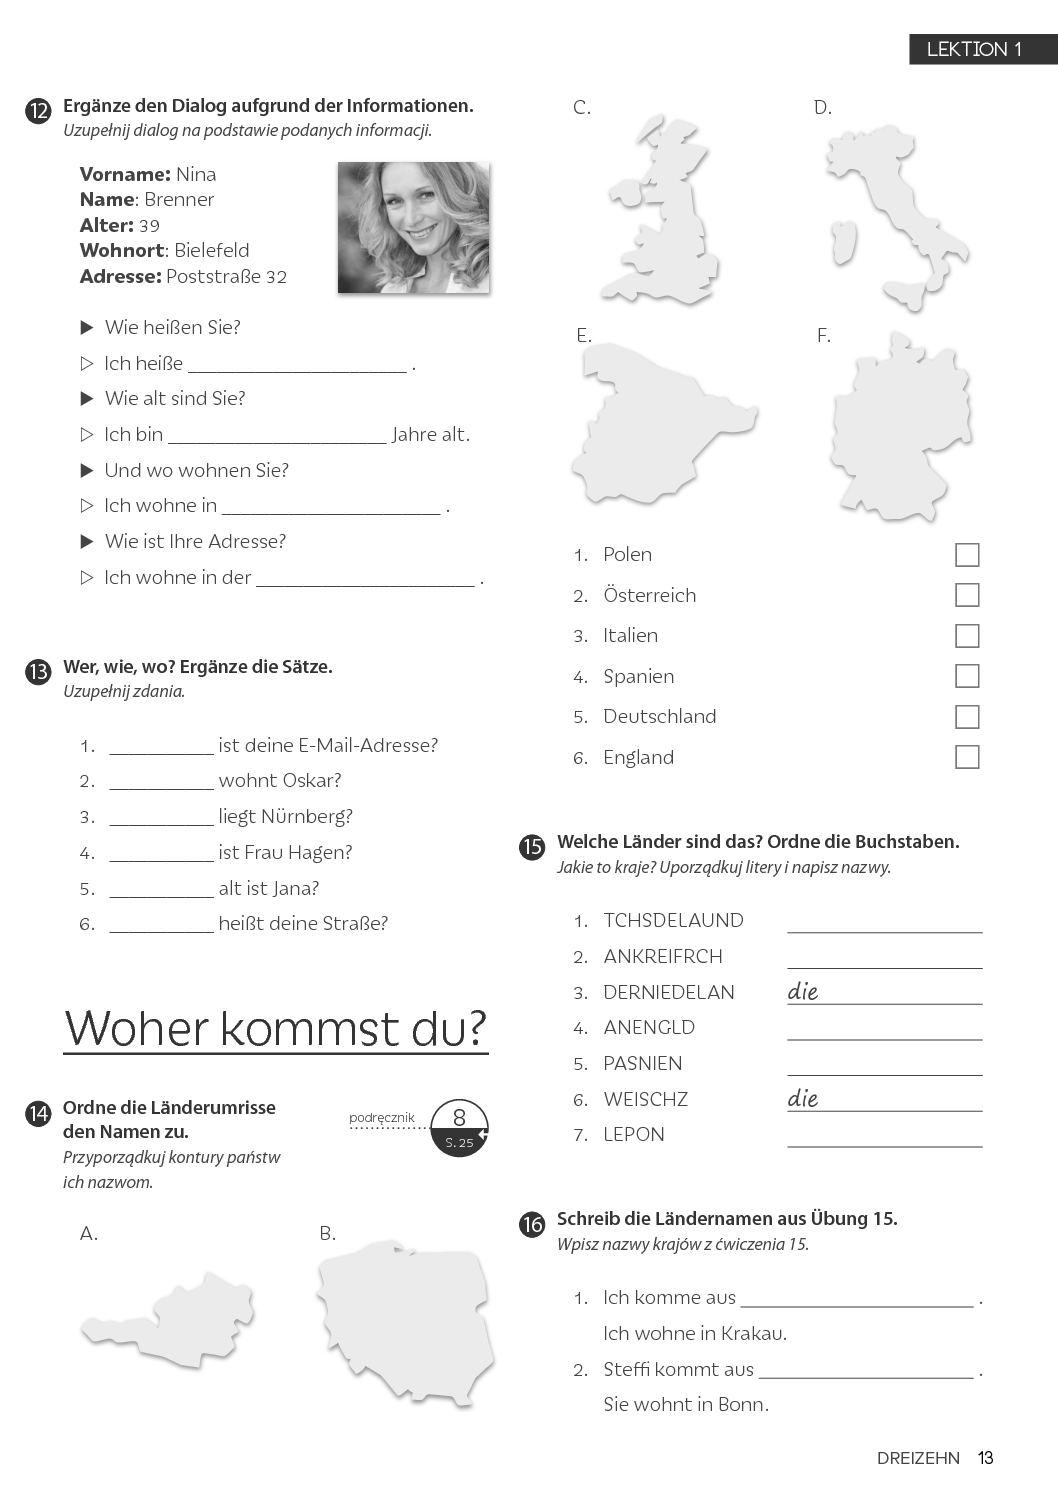 holländer singt kürce